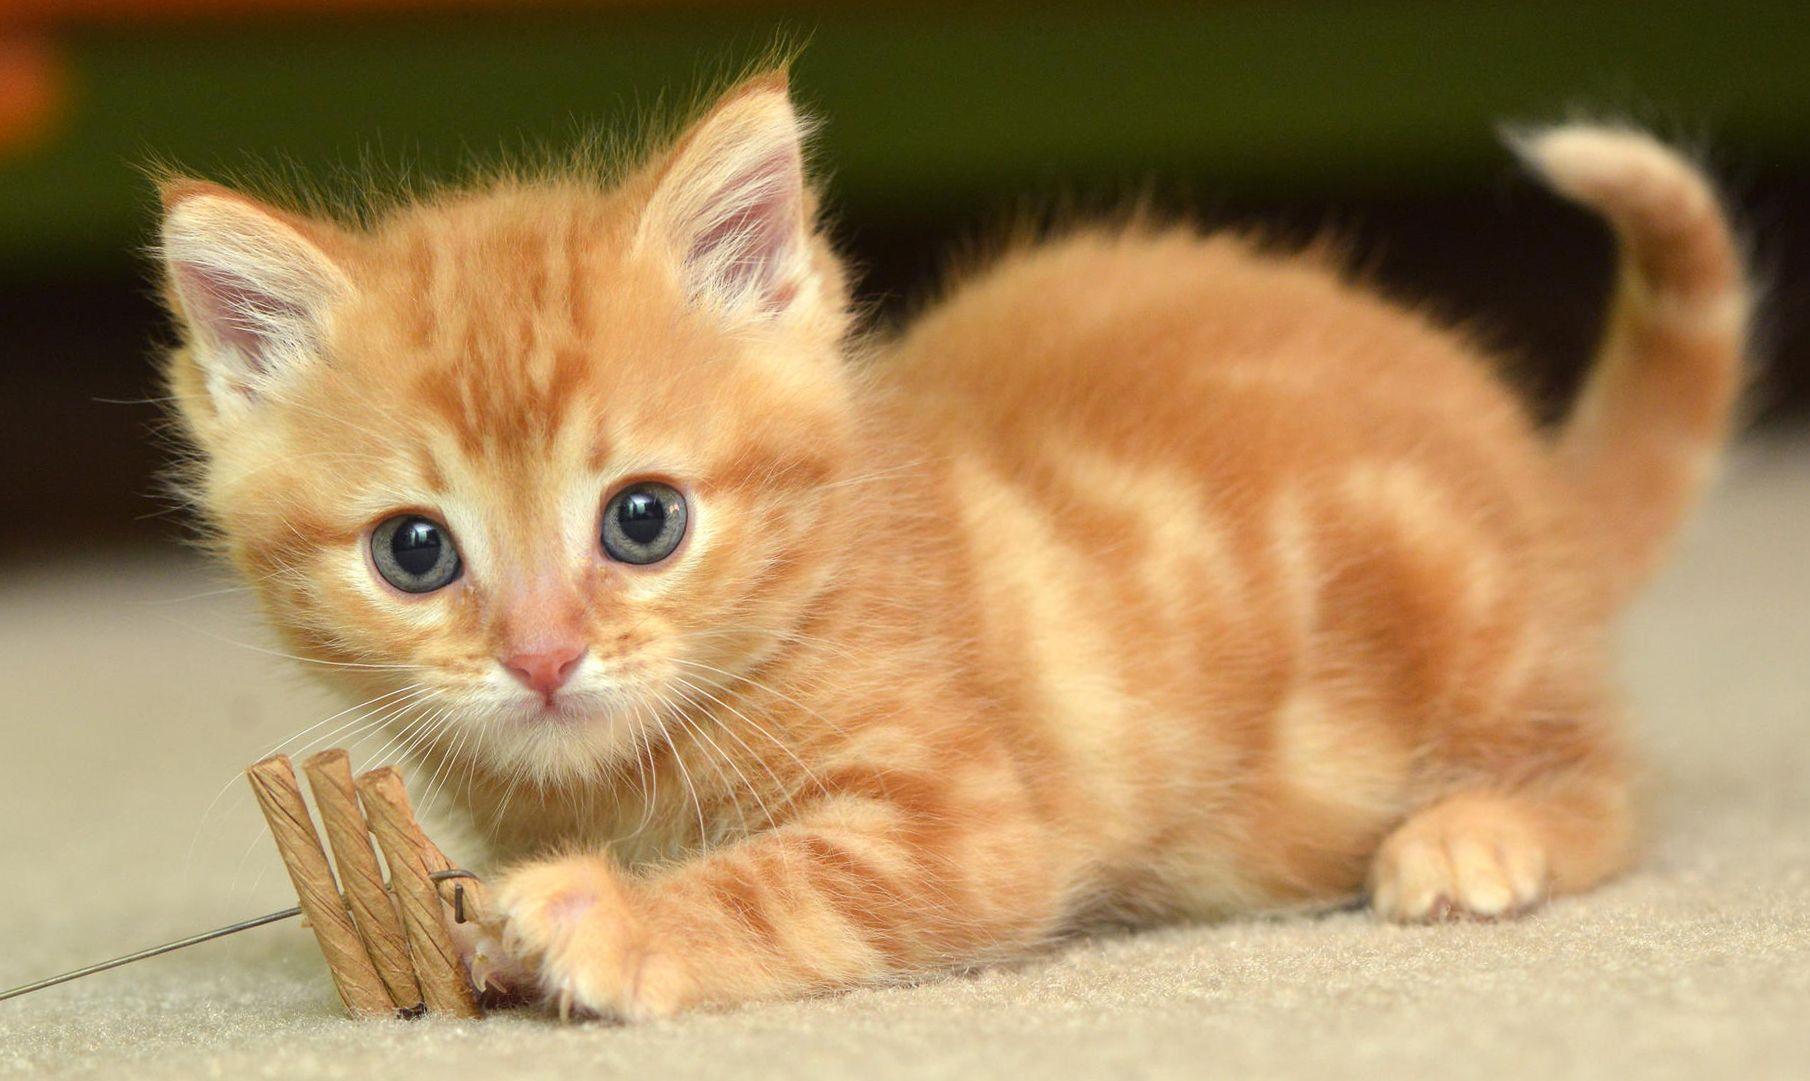 Hình nền mèo đẹp nhất 1810x1081 Hình ảnh HD dễ thương Hình ảnh mèo máy tính để bàn dành cho Android